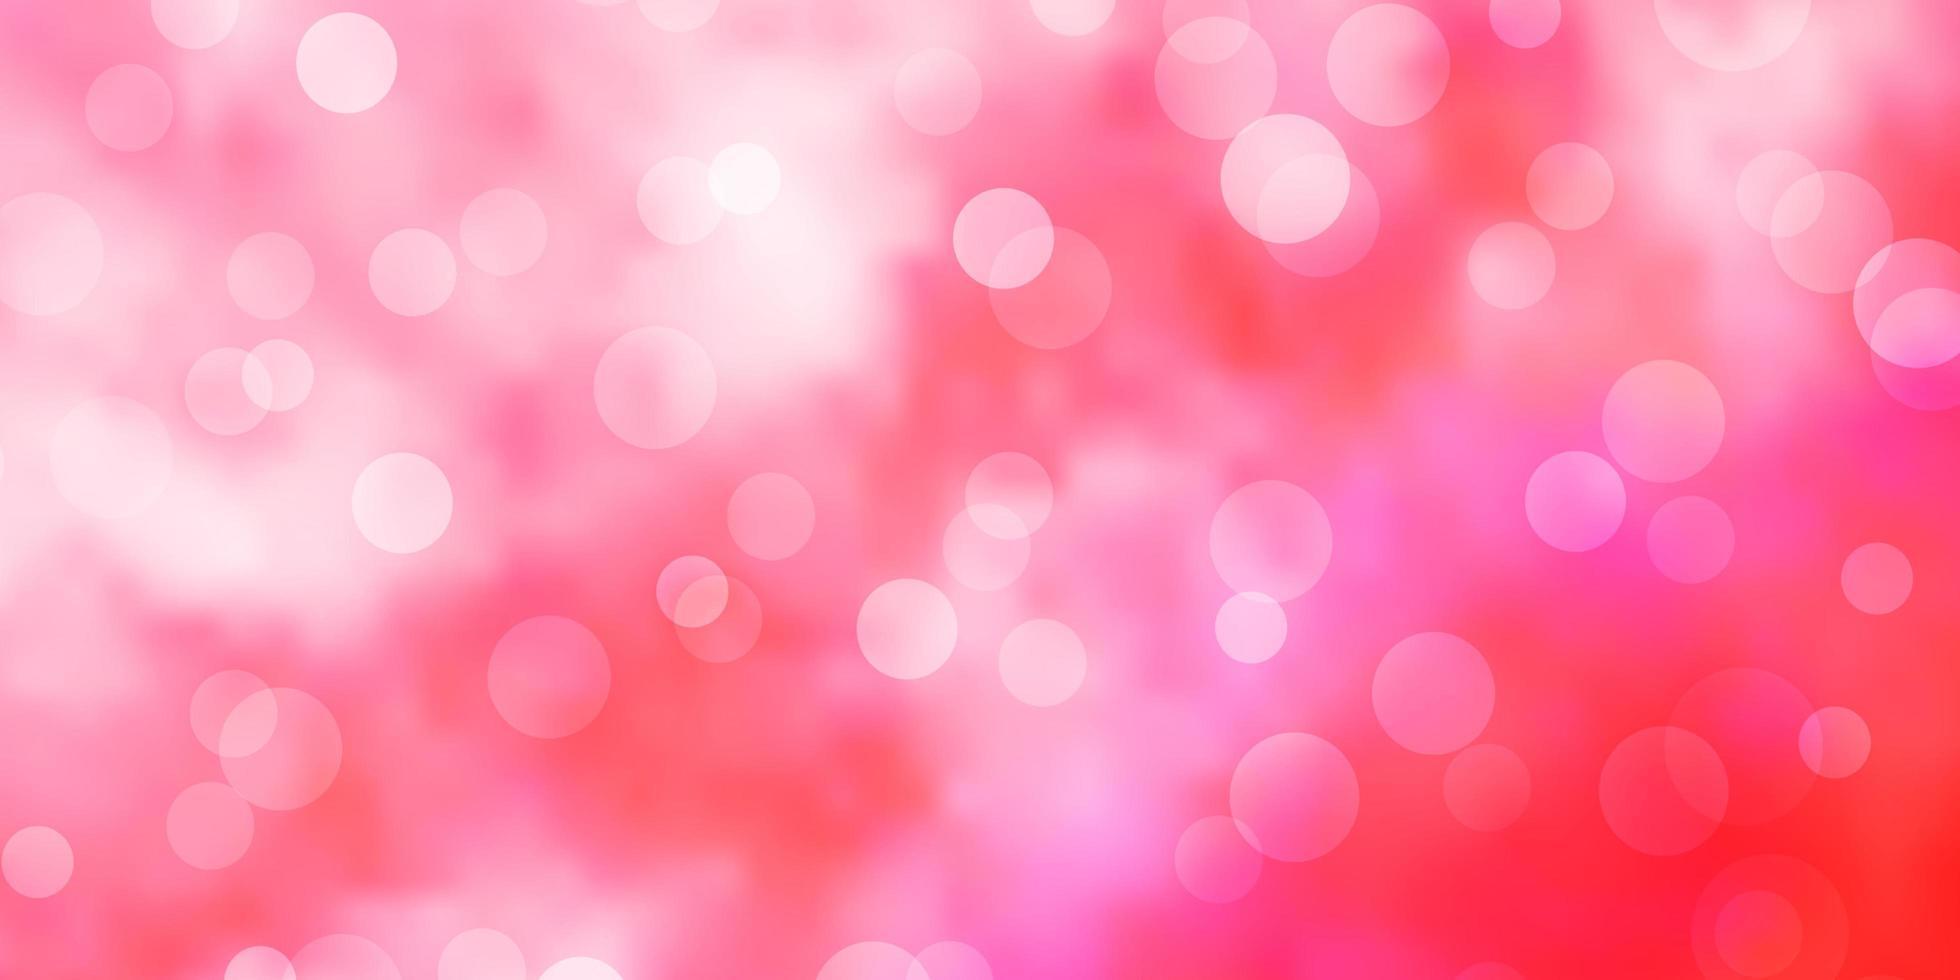 patrón de vector rosa claro con círculos.